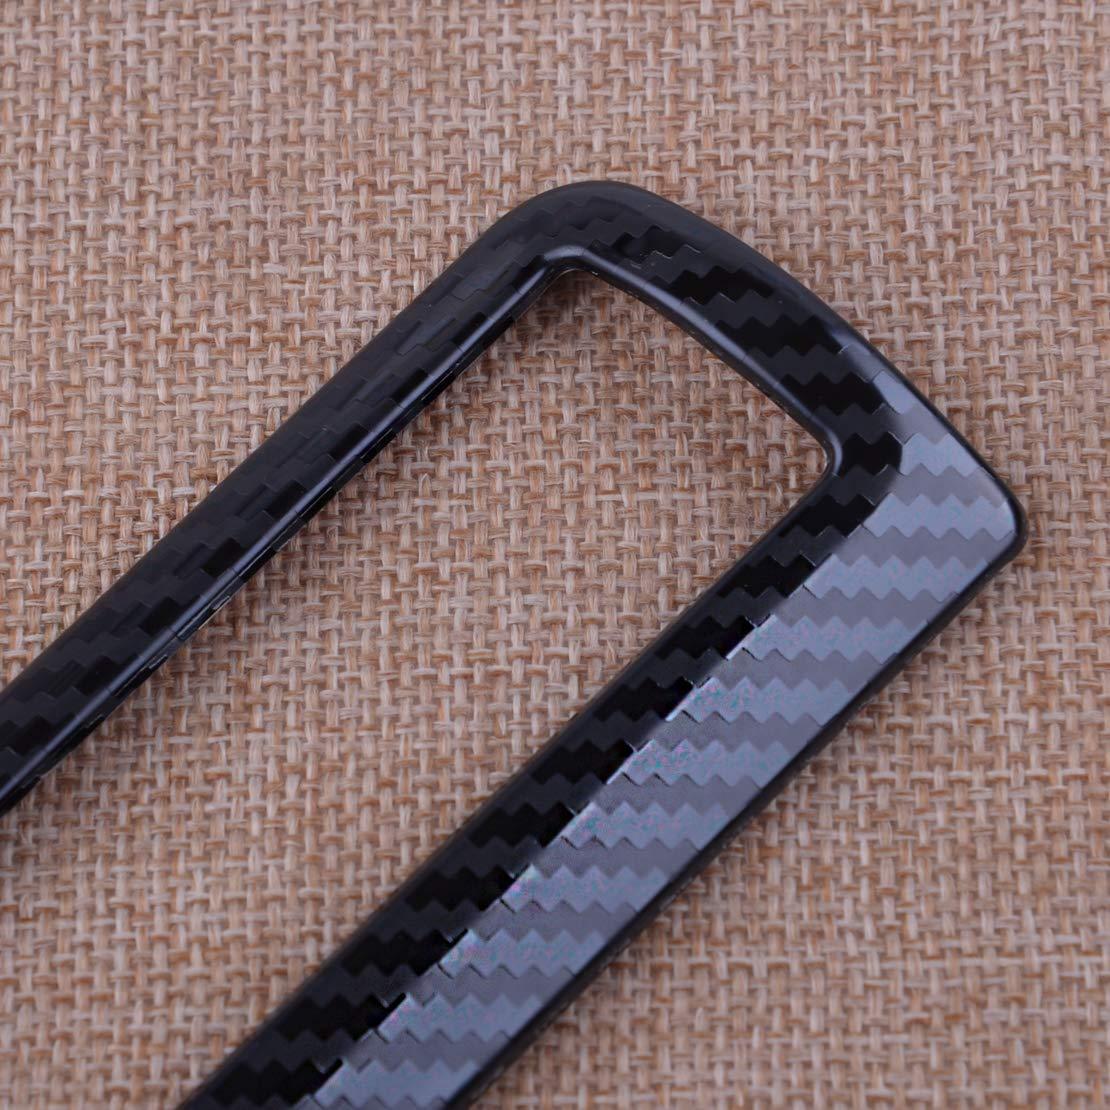 Rahmenabdeckung CITALL Schalter f/ür Scheinwerferschalter Innenverkleidung